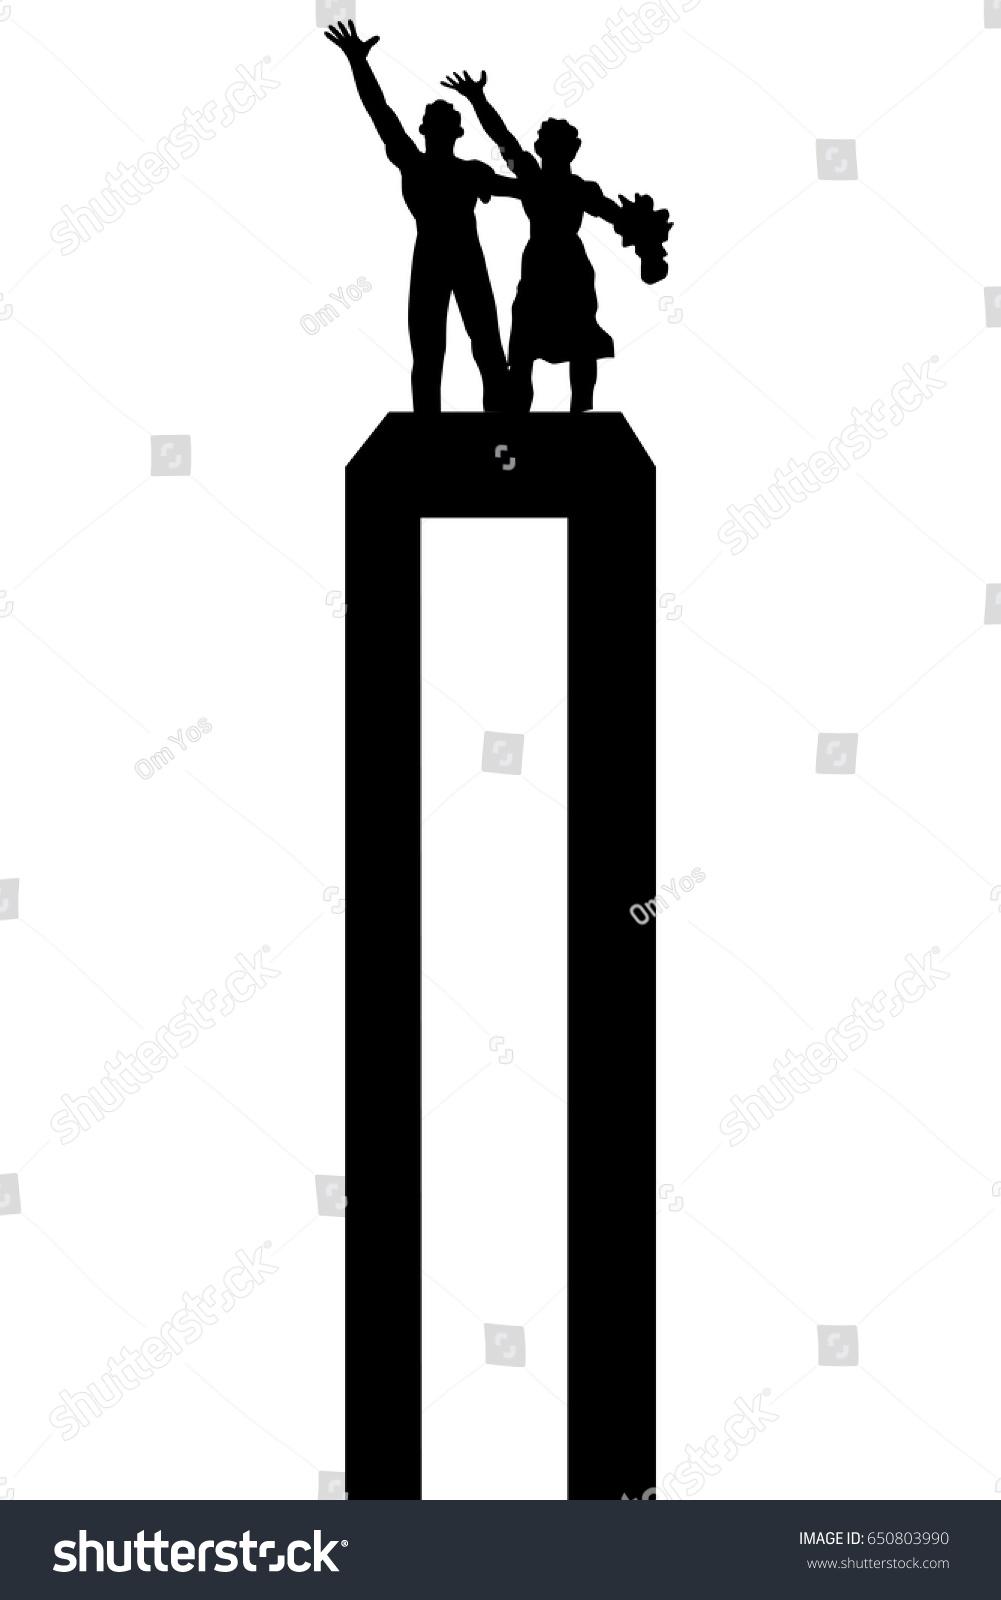 Patung Selamat Datang Vector : patung, selamat, datang, vector, Selamat, Datang, Jakarta, Stock, Vector, (Royalty, Free), 650803990